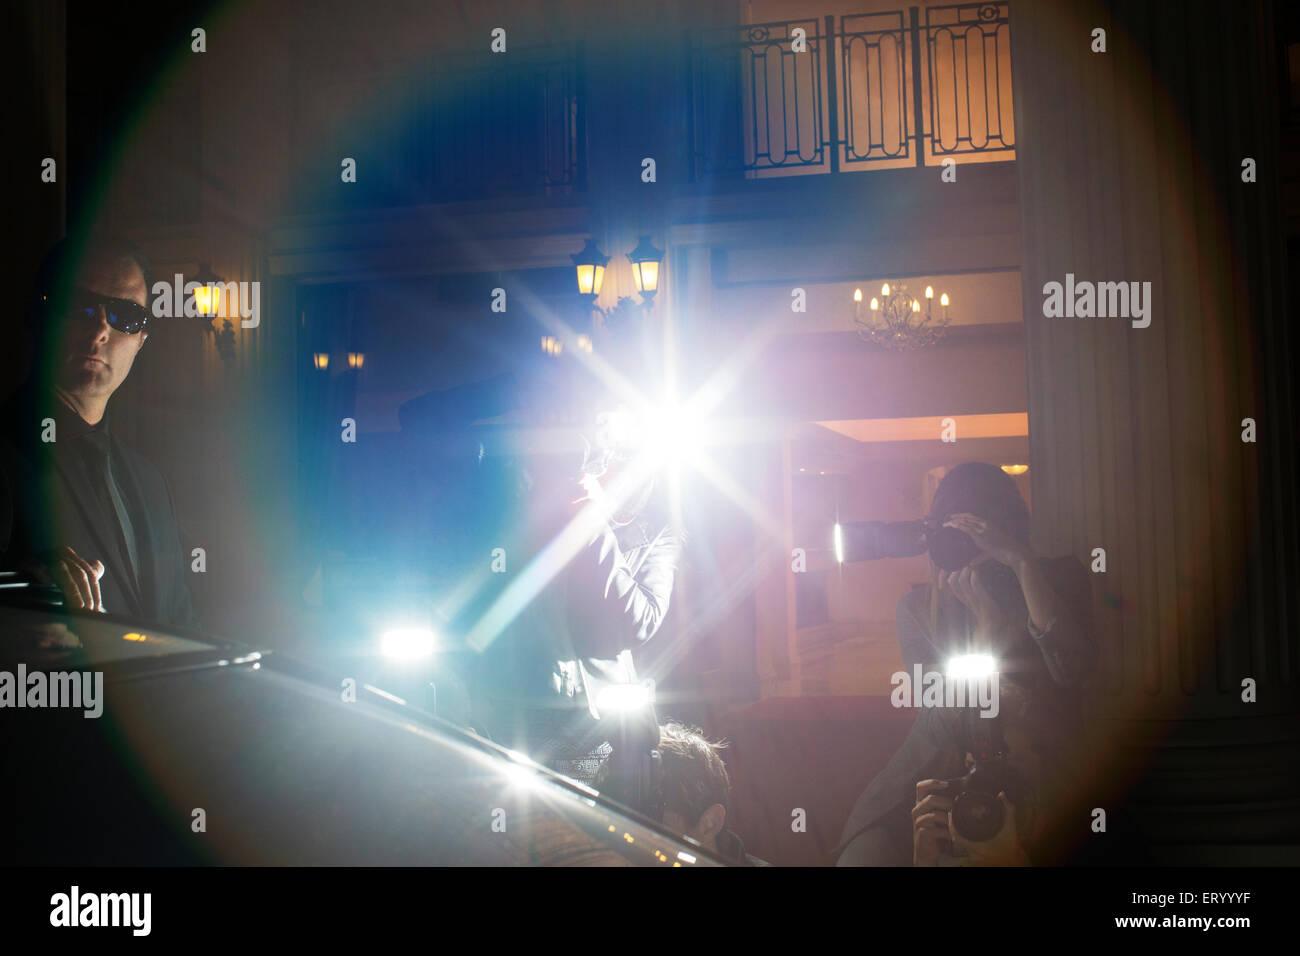 Reflexlicht von Paparazzi fotografiert in Veranstaltung Stockbild